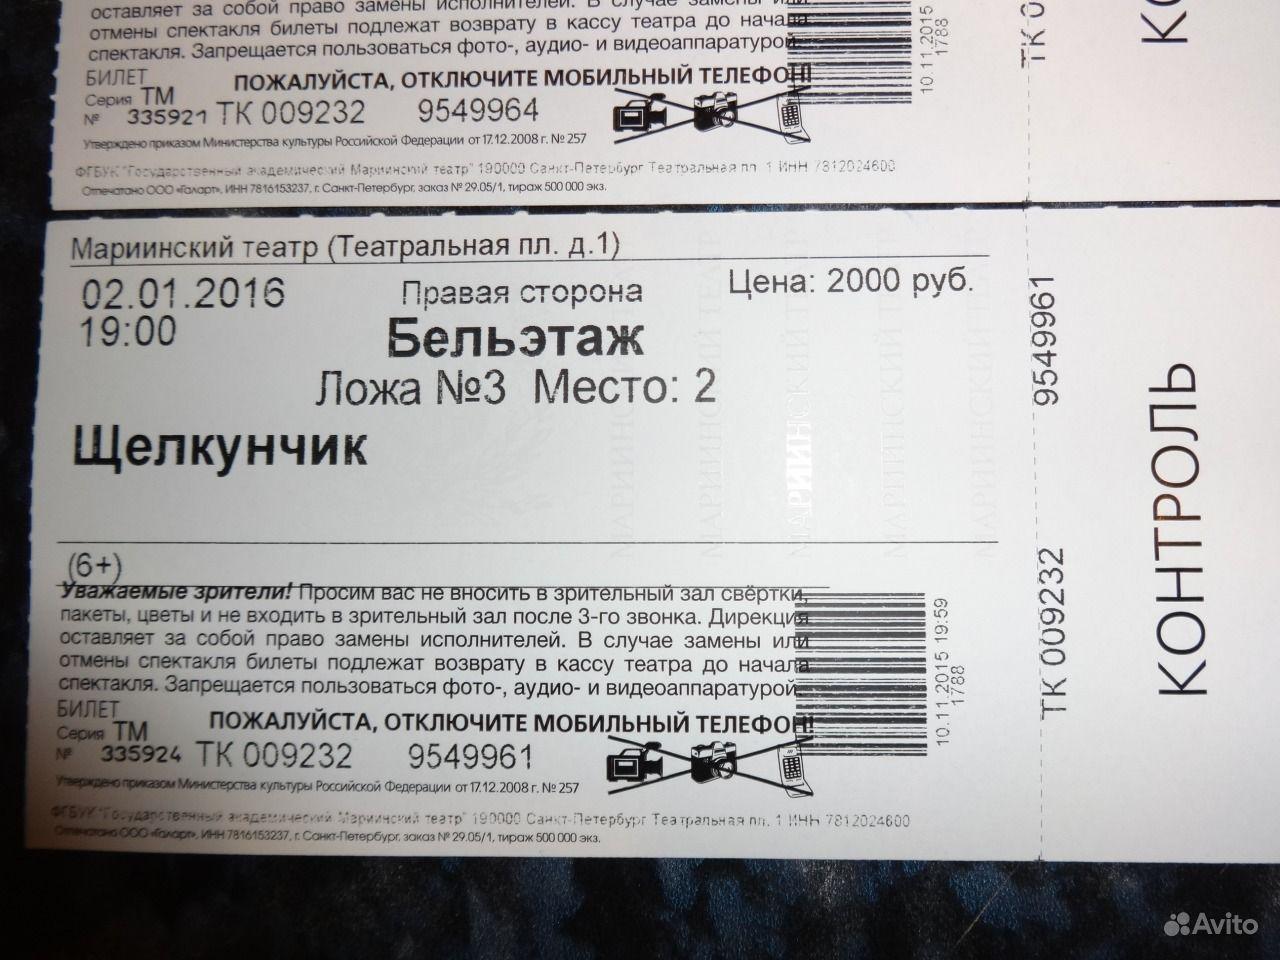 совещательные органы льготные билеты в мариинский театр любом